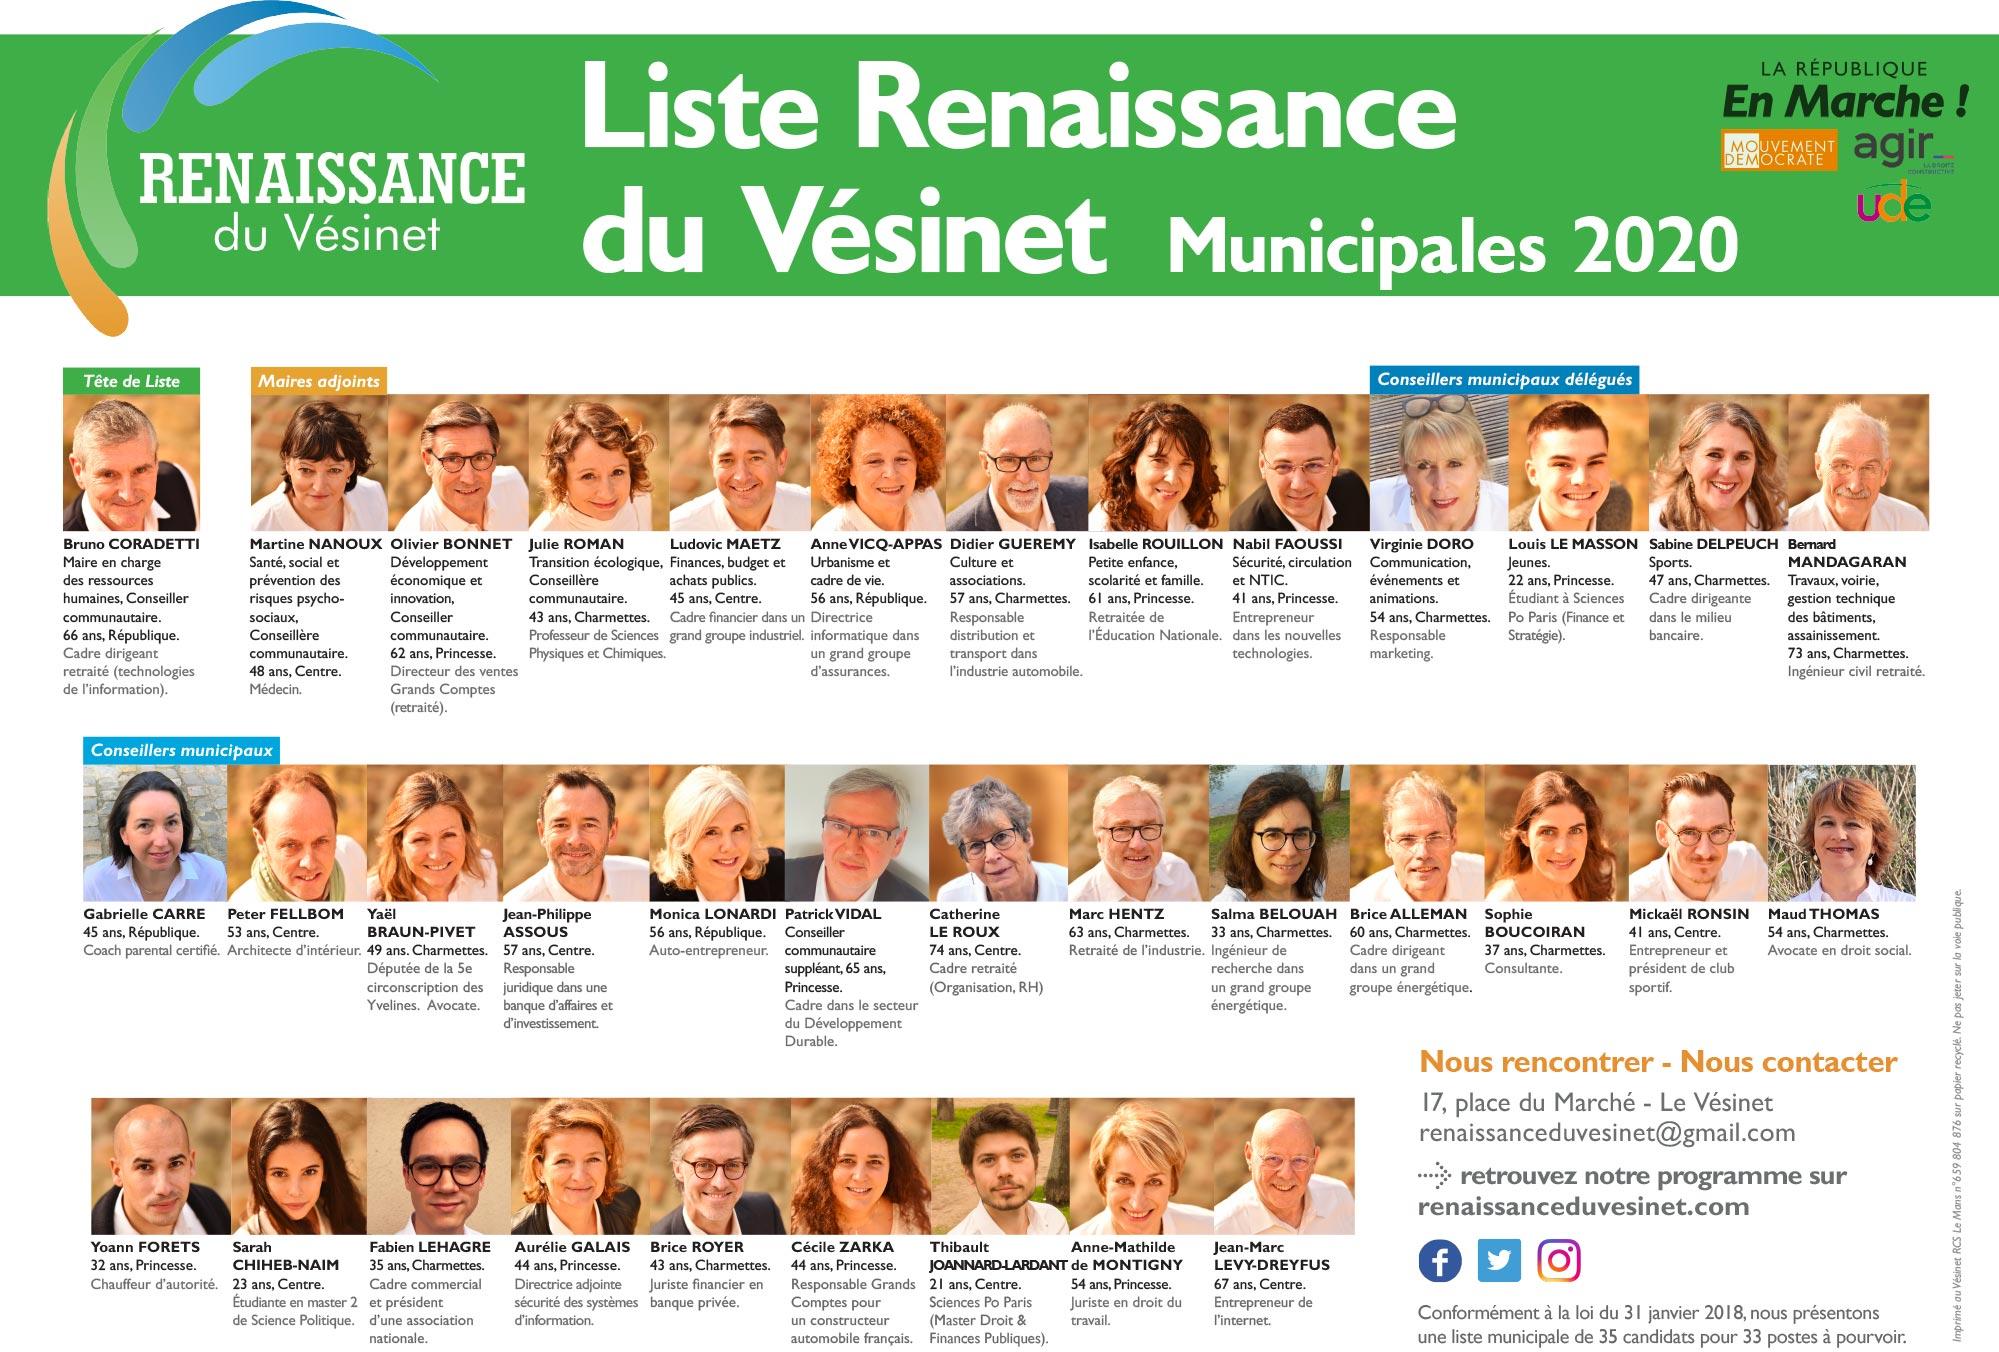 Liste Renaissance du Vésinet Municipales 2020